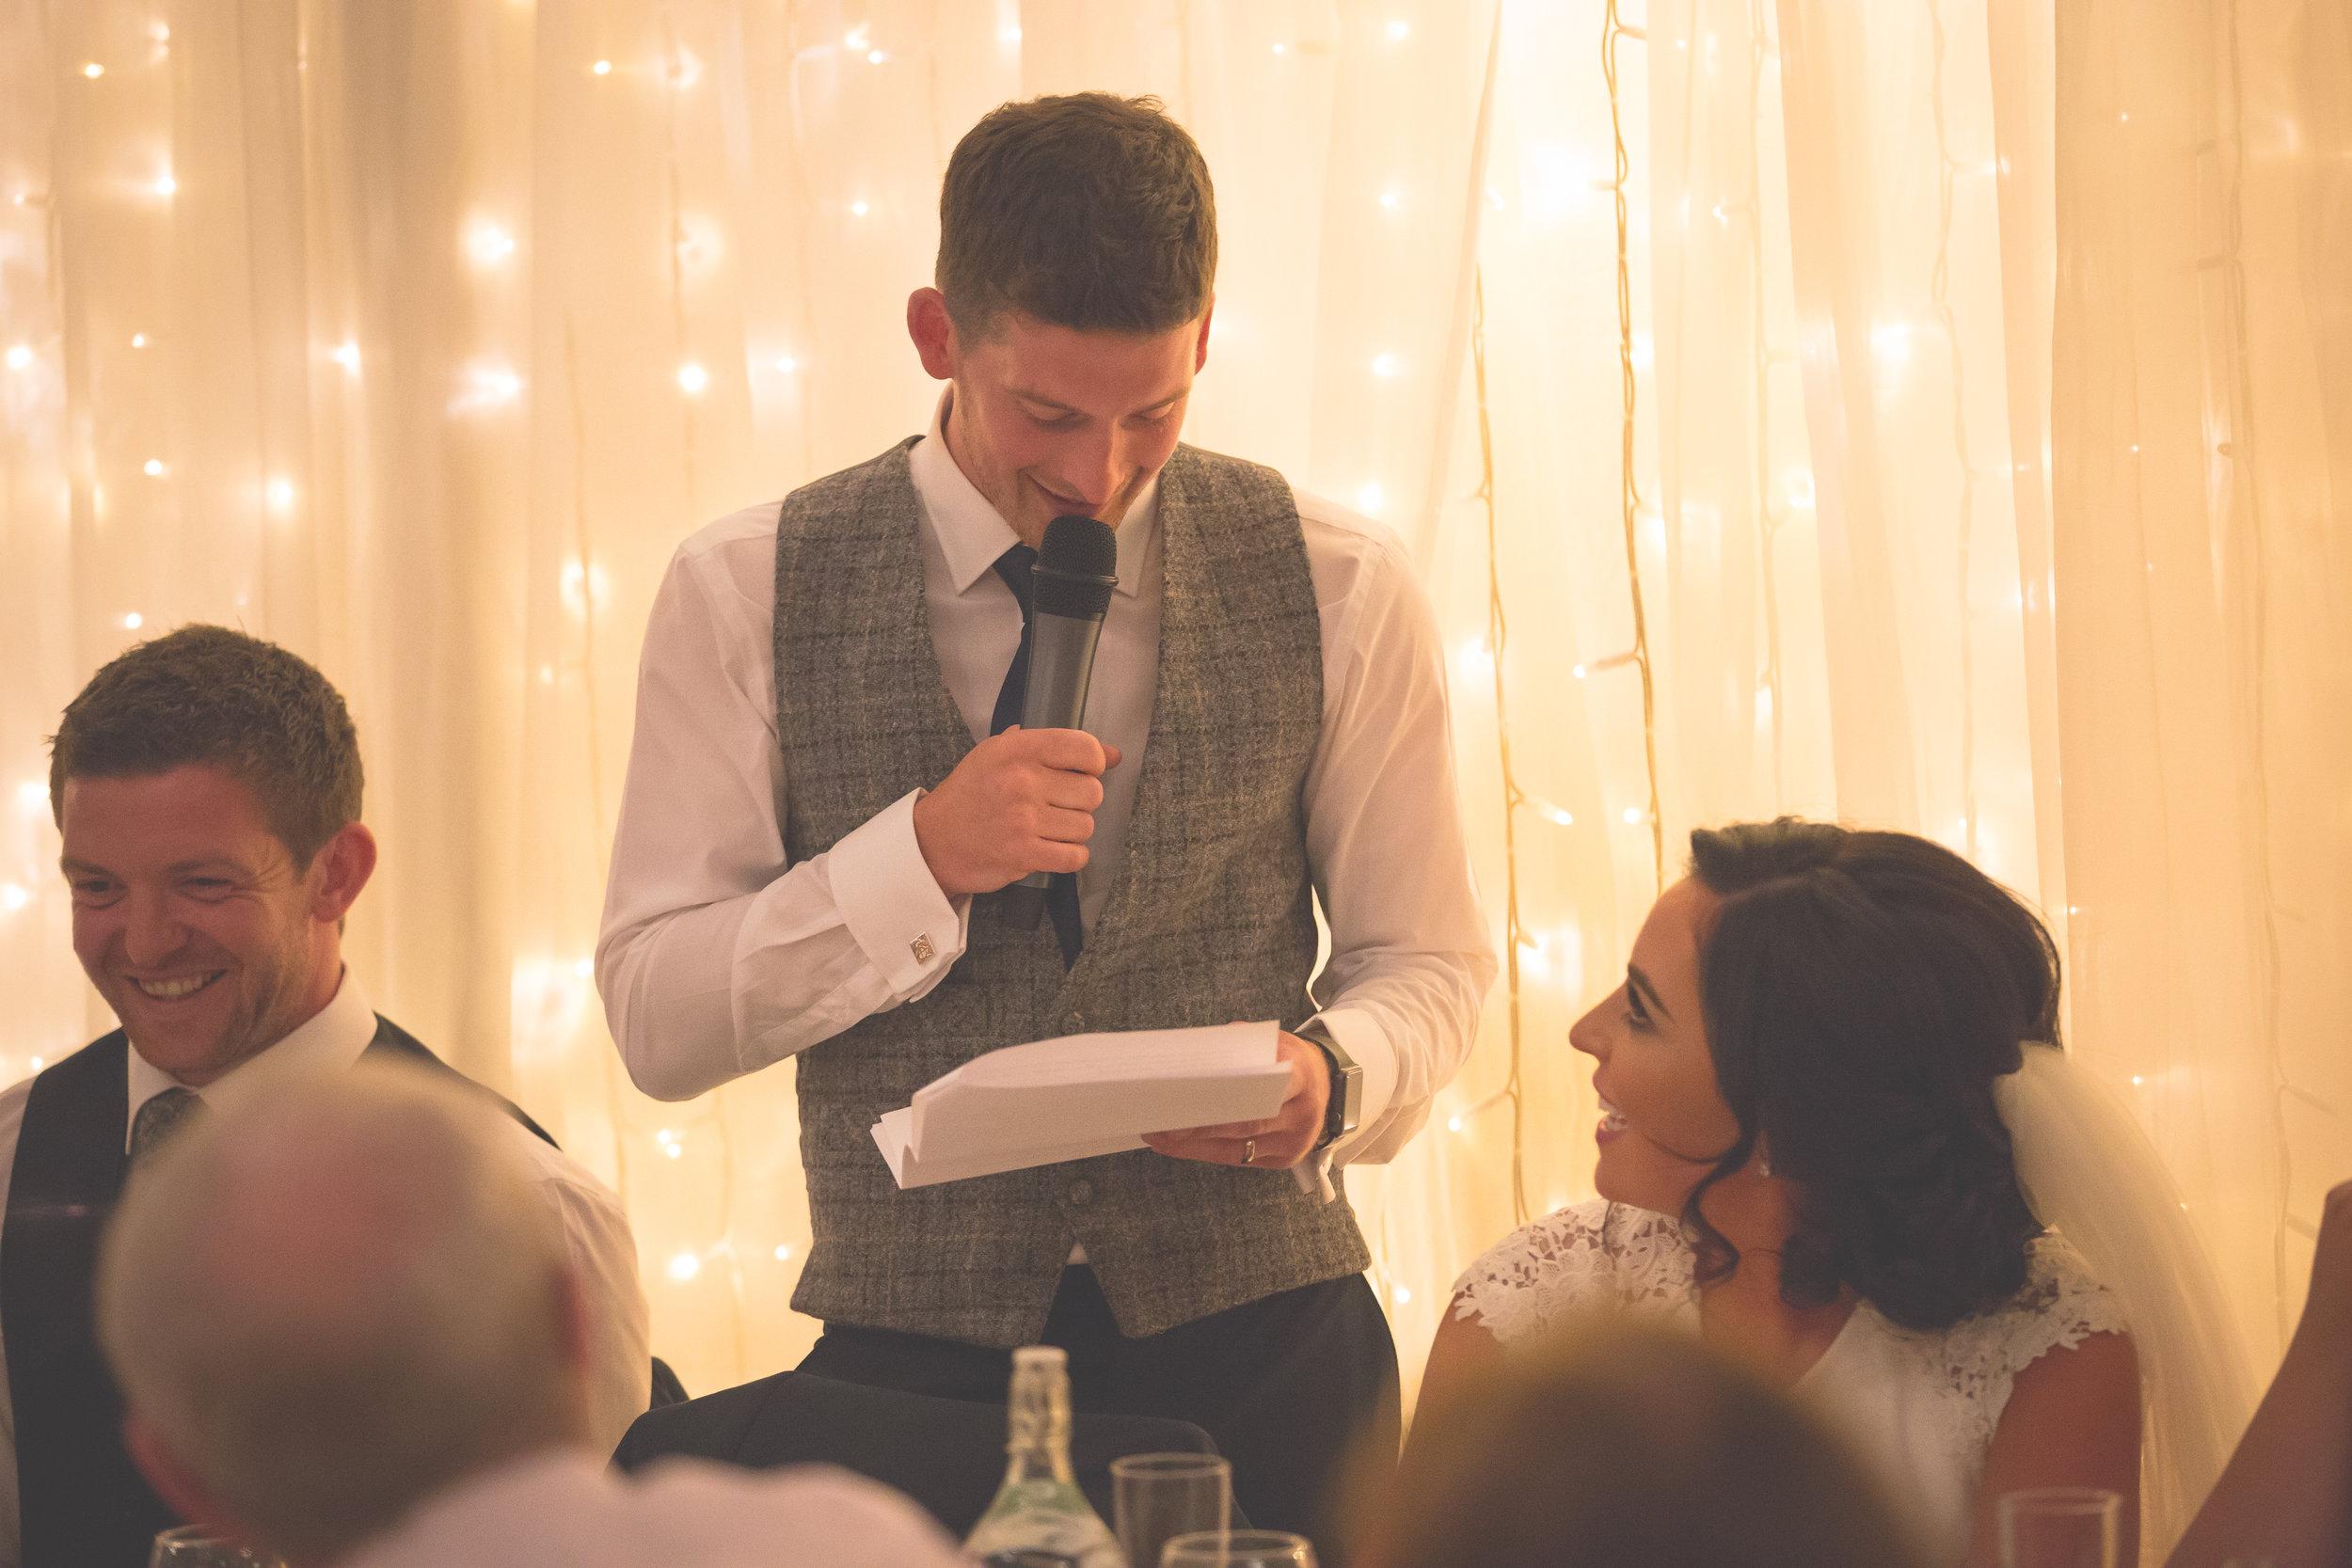 Brian McEwan Wedding Photography | Carol-Anne & Sean | The Speeches-90.jpg